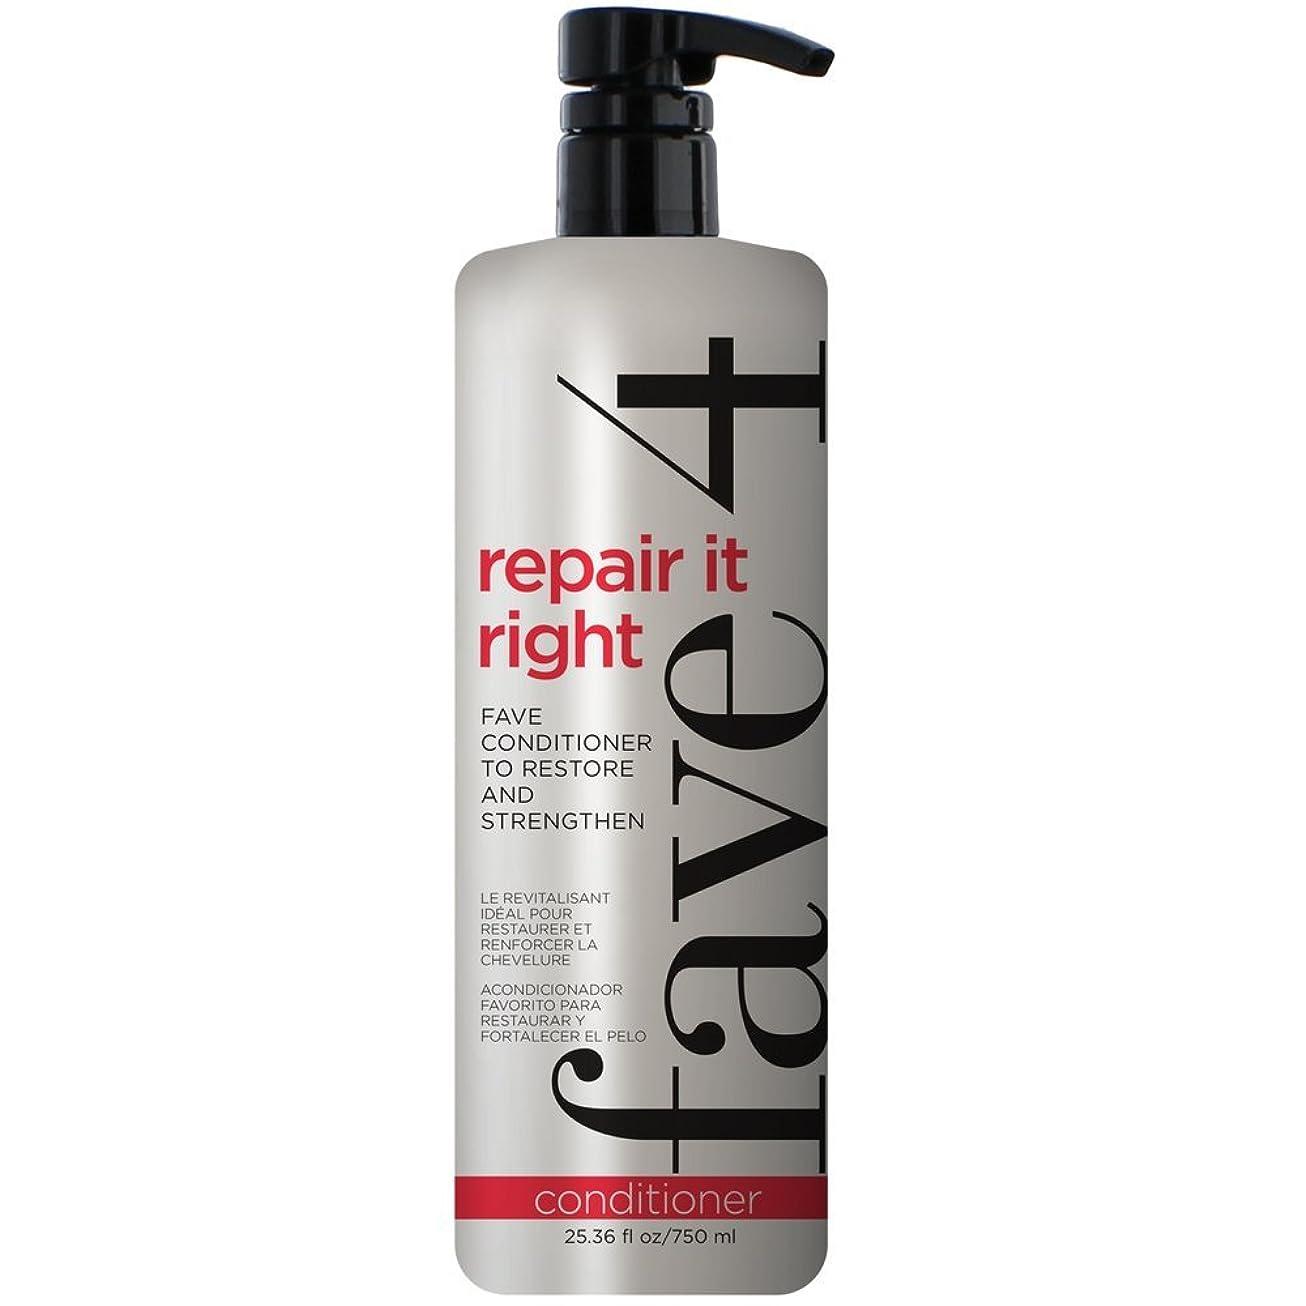 ウナギ官僚生理fave4 パラベンフリー| |グルテンフリー|無添加塩化ナトリウム|虐待無料|髪の処理された色のために安全、25.36オンスの復元とStrengthen-硫酸フリーには、右フェイブConditonerファナティックサイズそれを修復